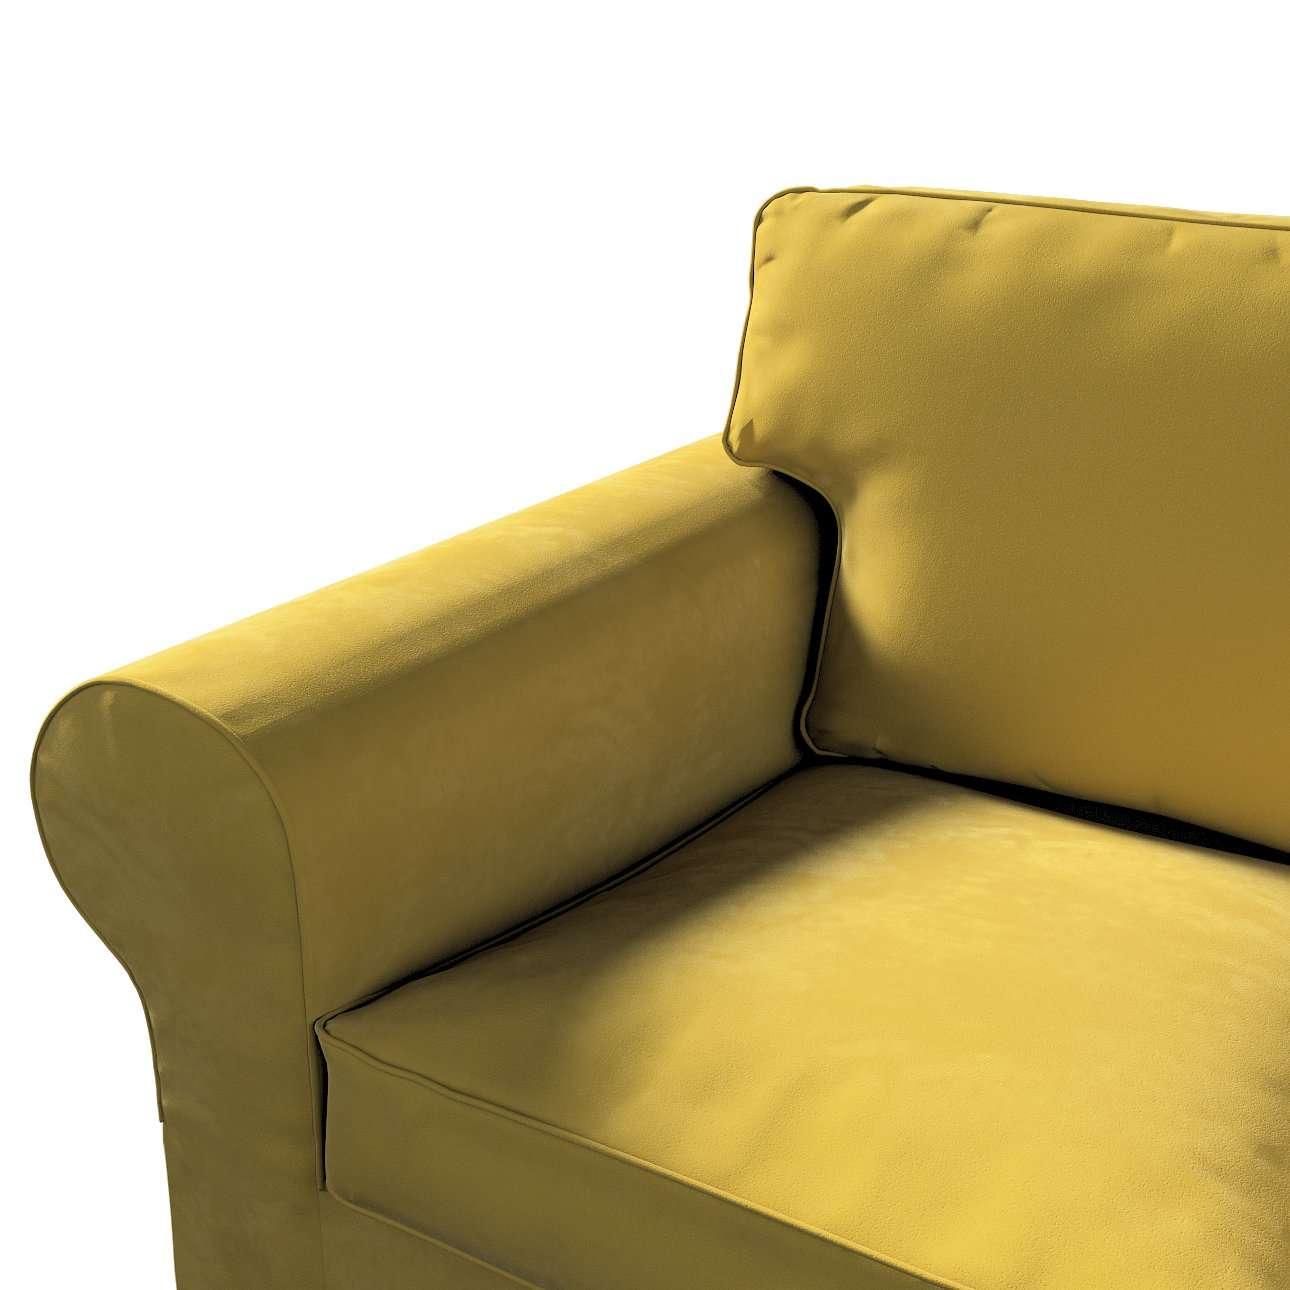 Poťah na sedačku Ektorp (rozkladacia, pre 2 osoby) NOVÝ MODEL 2012 V kolekcii Velvet, tkanina: 704-27